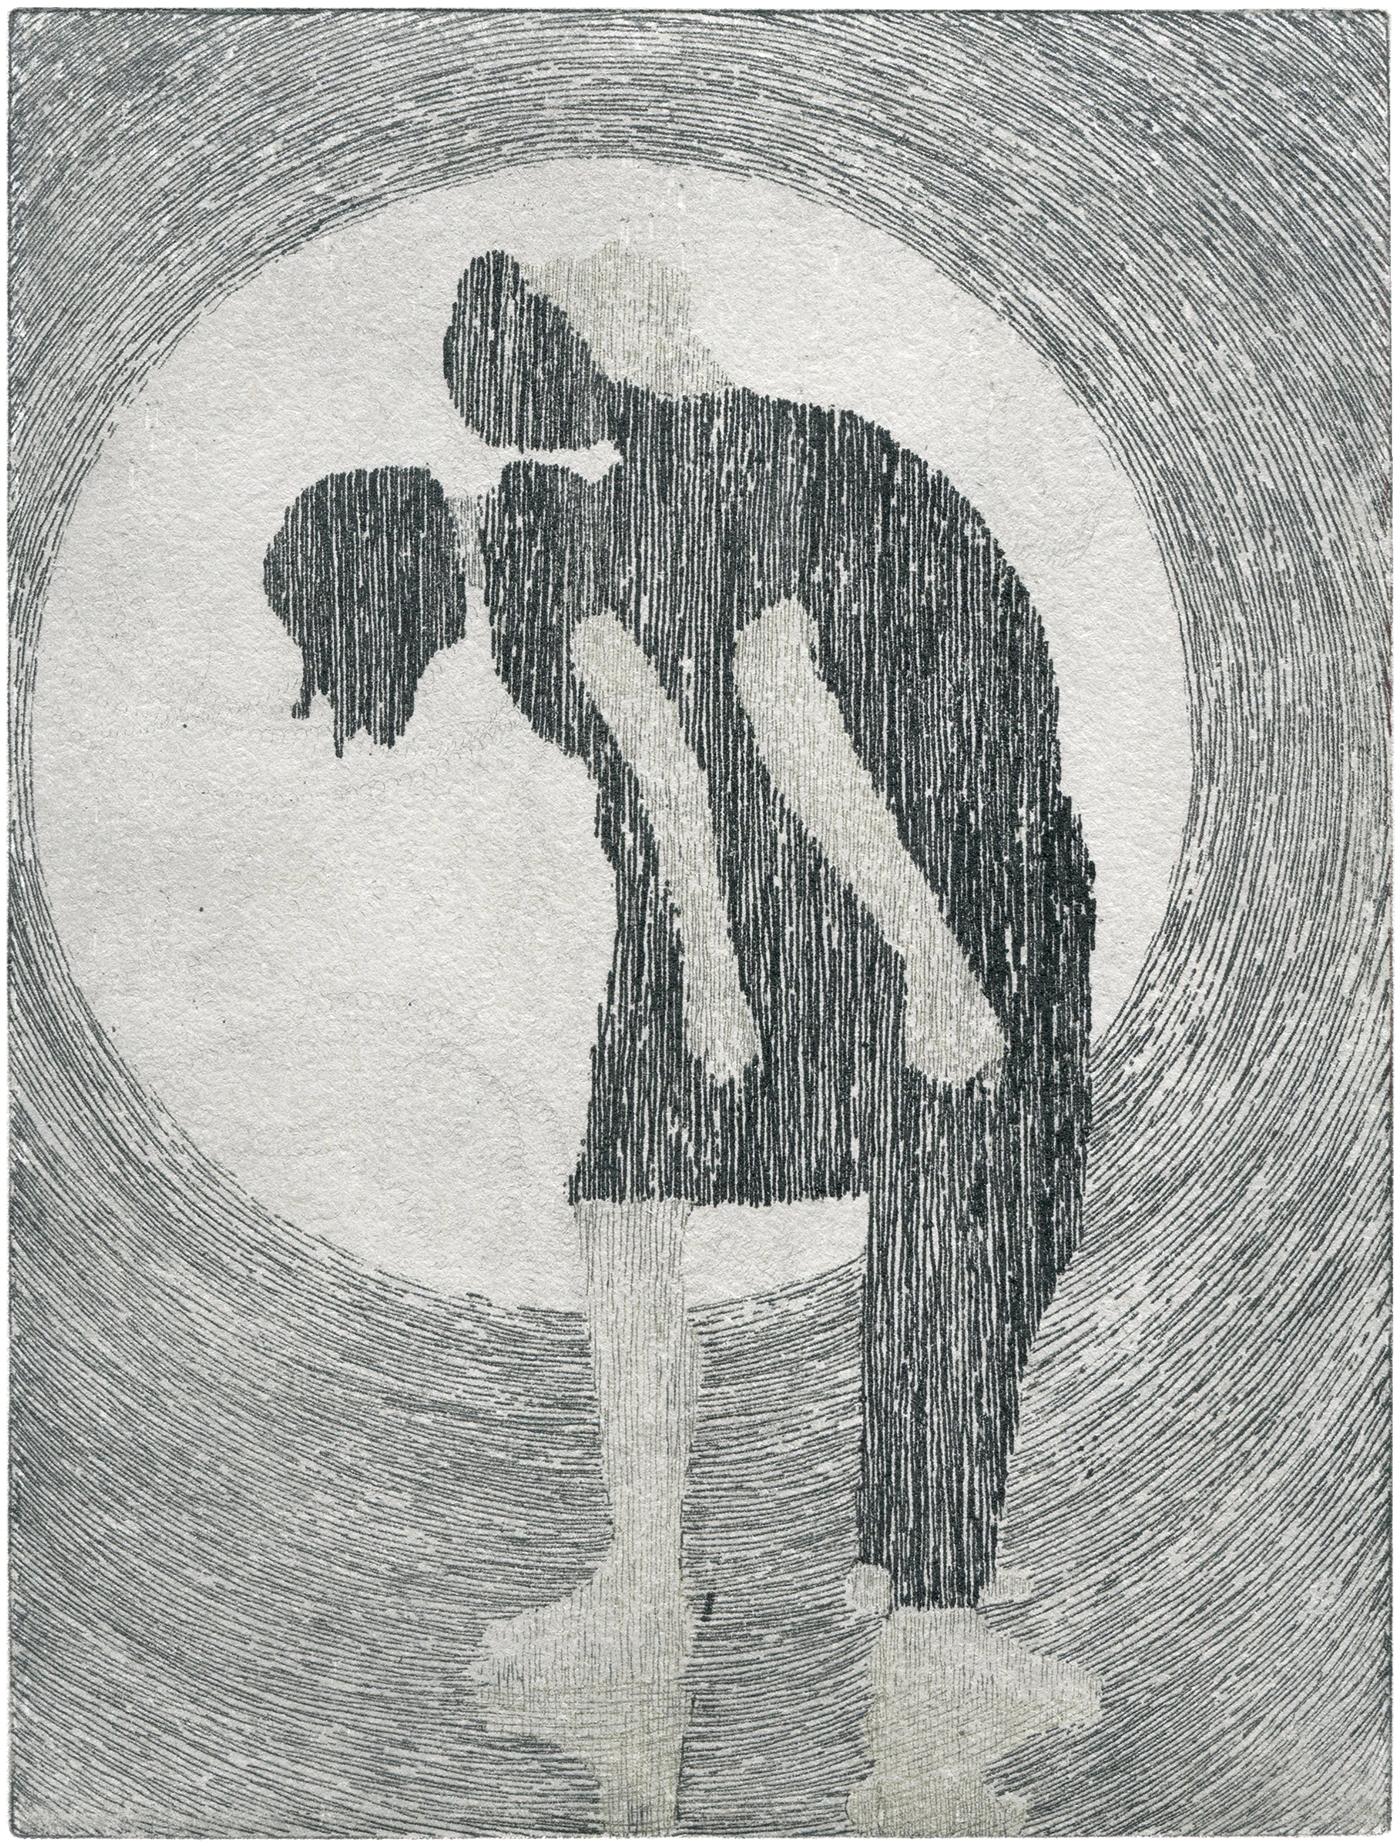 Ein Paar, Rücken an Rücken, Gezeichnet mit senkrechten paralellen Linien vor einem kreisförmigen Hintergrund